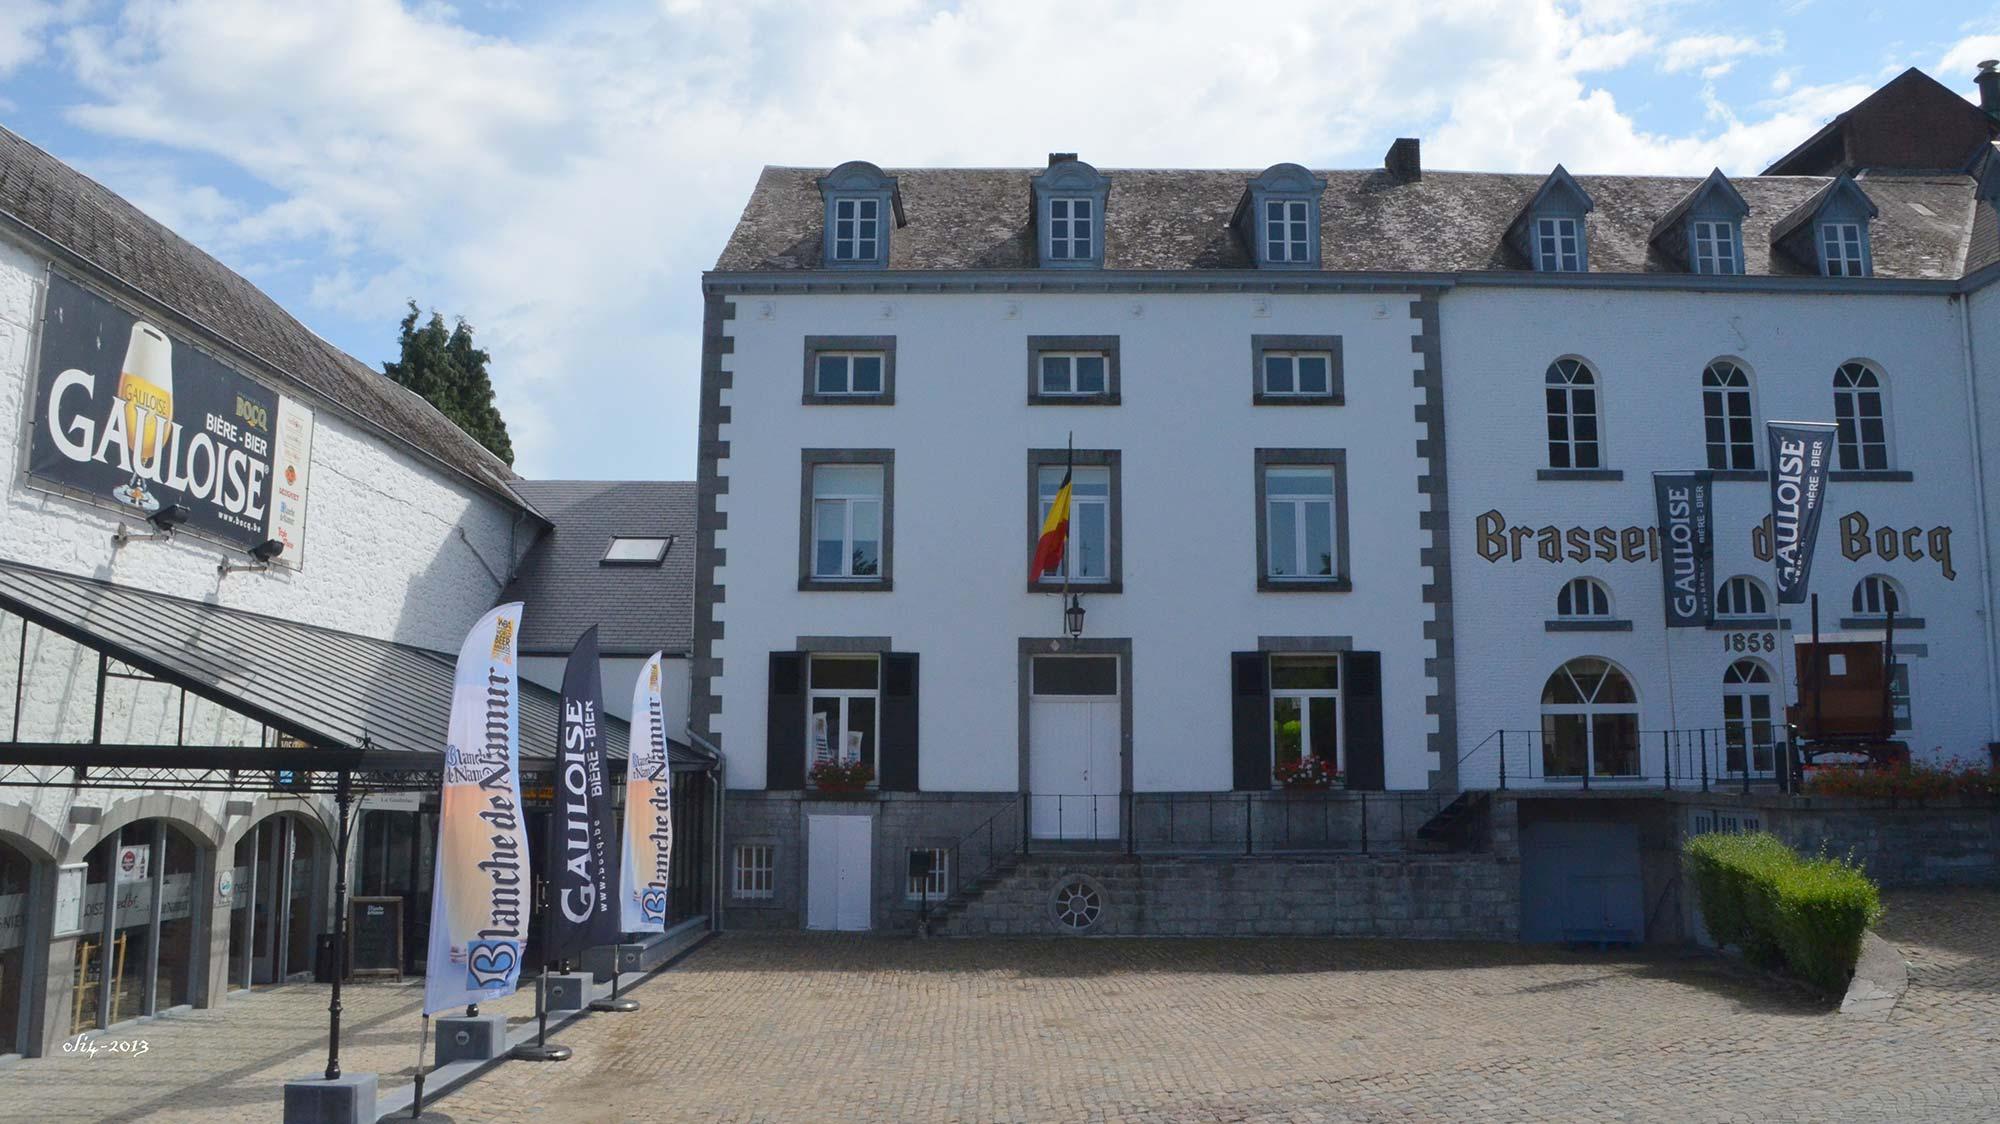 Brasserie Du Bocq courtyard